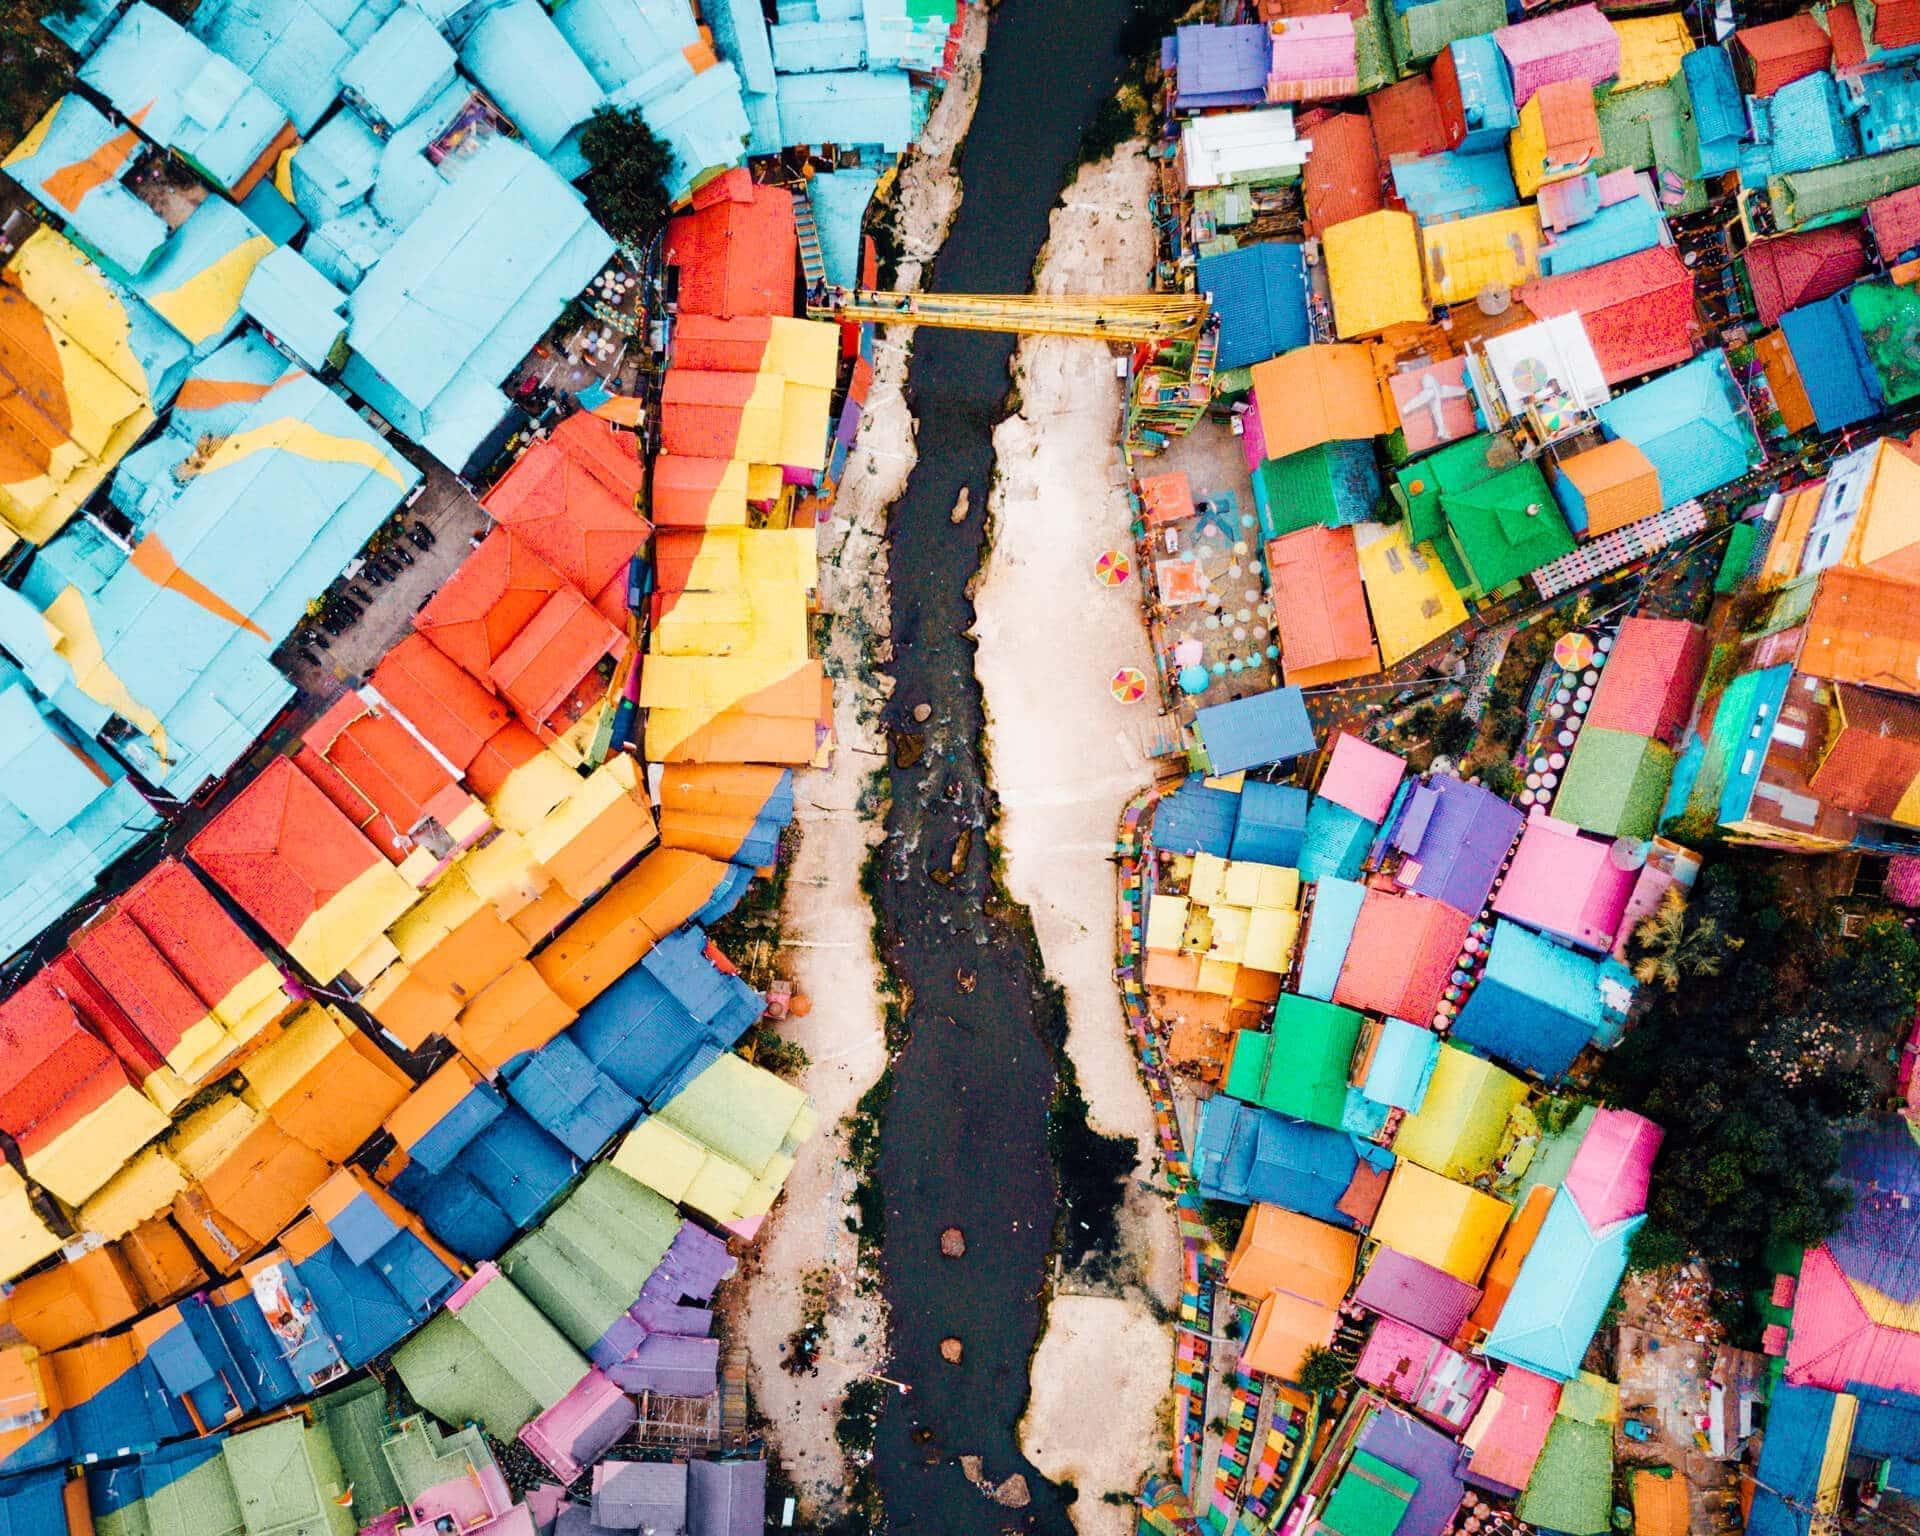 colorful village jodipan malang java drone